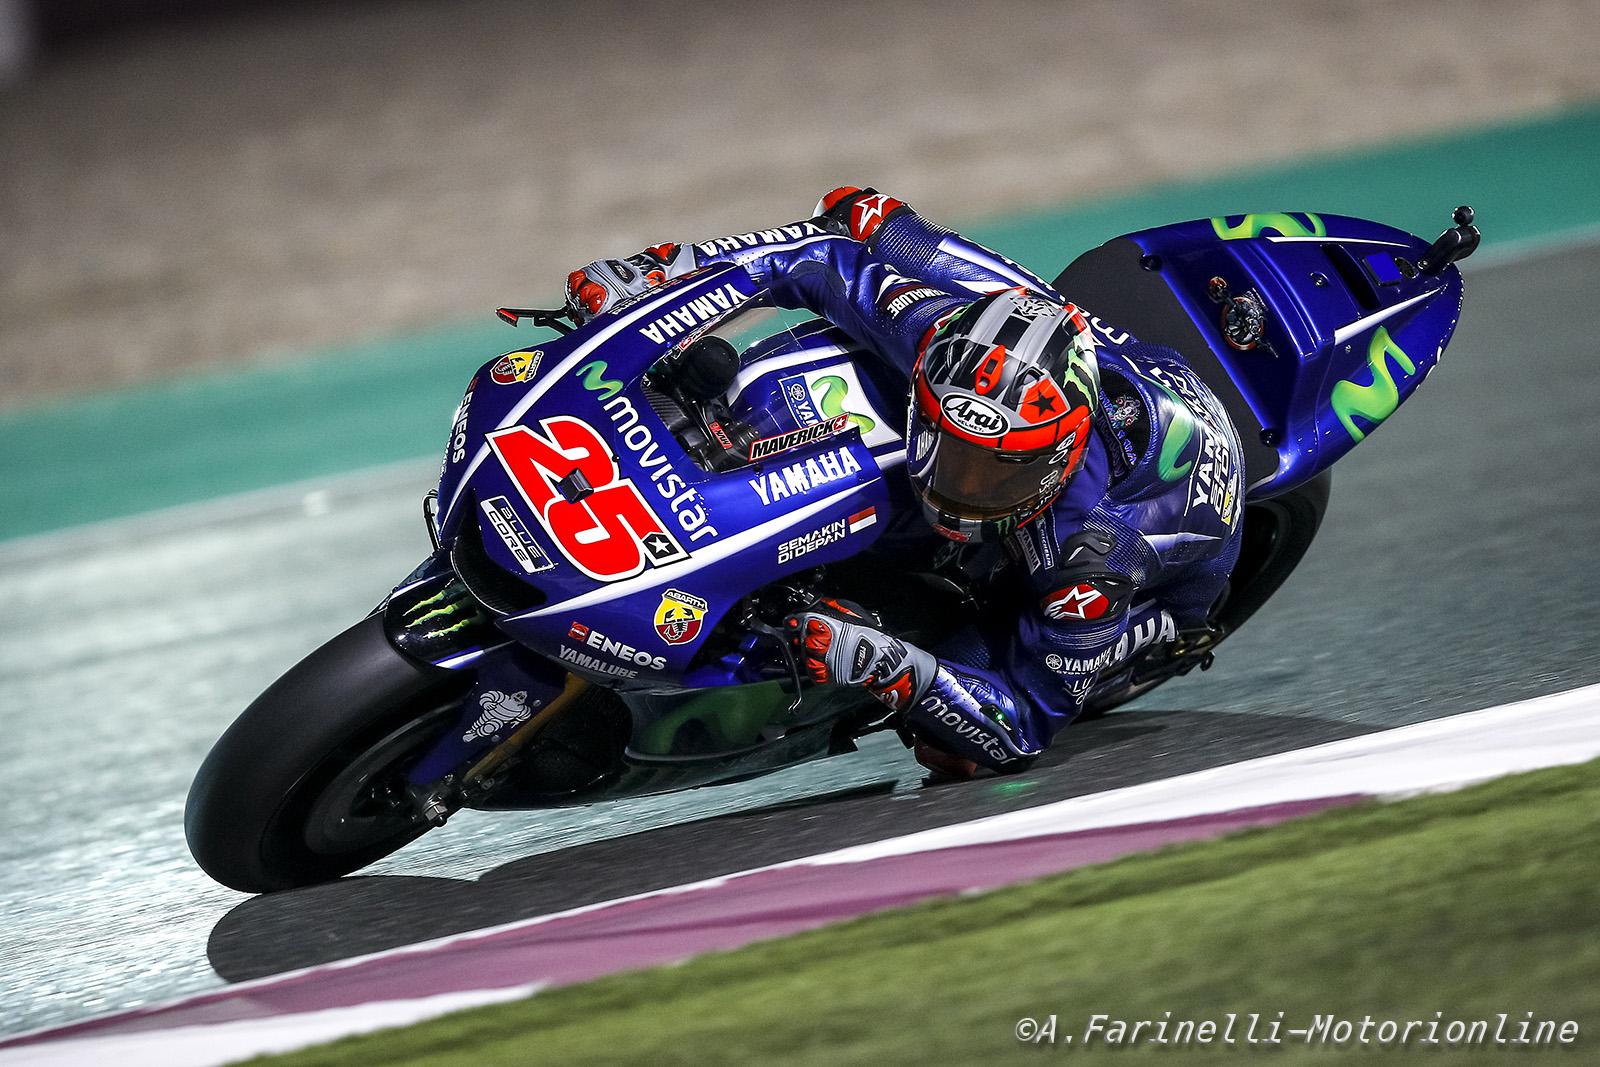 MotoGP Qatar, Qualifiche: Vinales si aggiudica la pole senza scendere in pista - Notizie sul ...